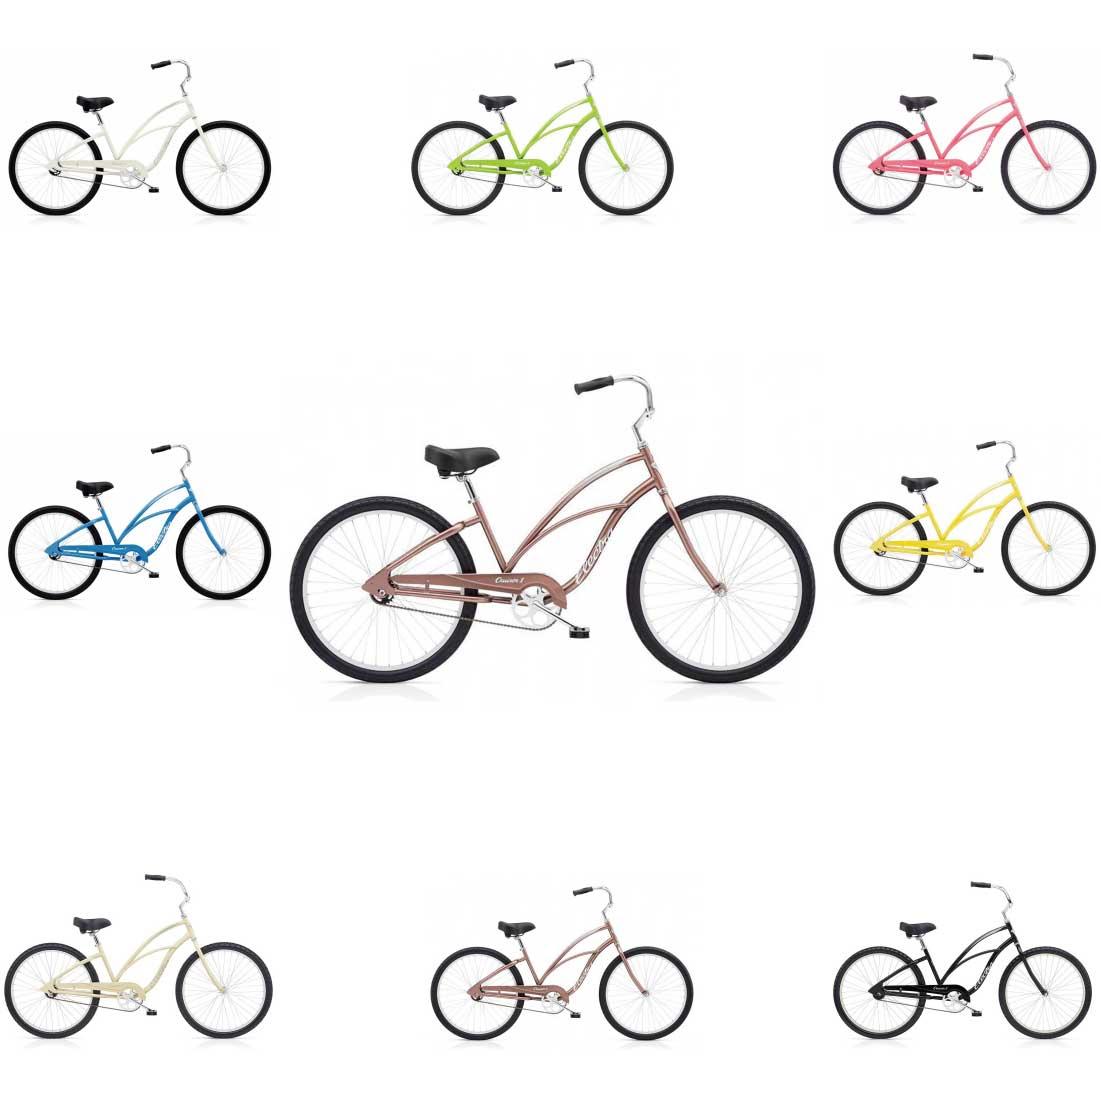 エレクトラ ビーチクルーザー 26インチ レインボー おしゃれ 自転車 通勤 通学 メンズ レディース CRUISER-1-LADY